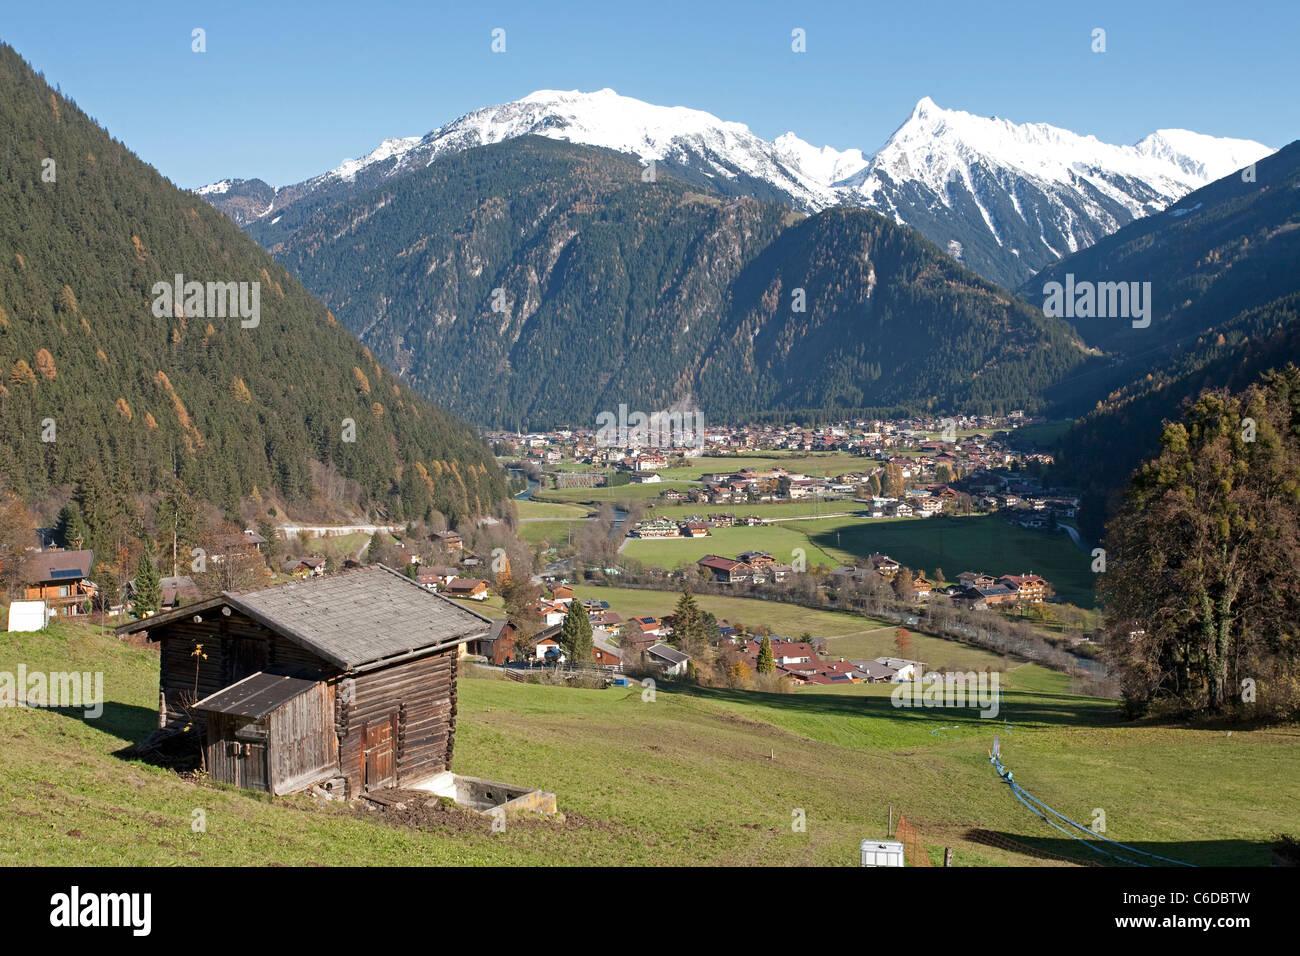 Blick auf Mayrhofen, beliebter Ferienort und Marktgemeinde im Zillertal, Mayrhofen, famous and popular holiday area - Stock Image